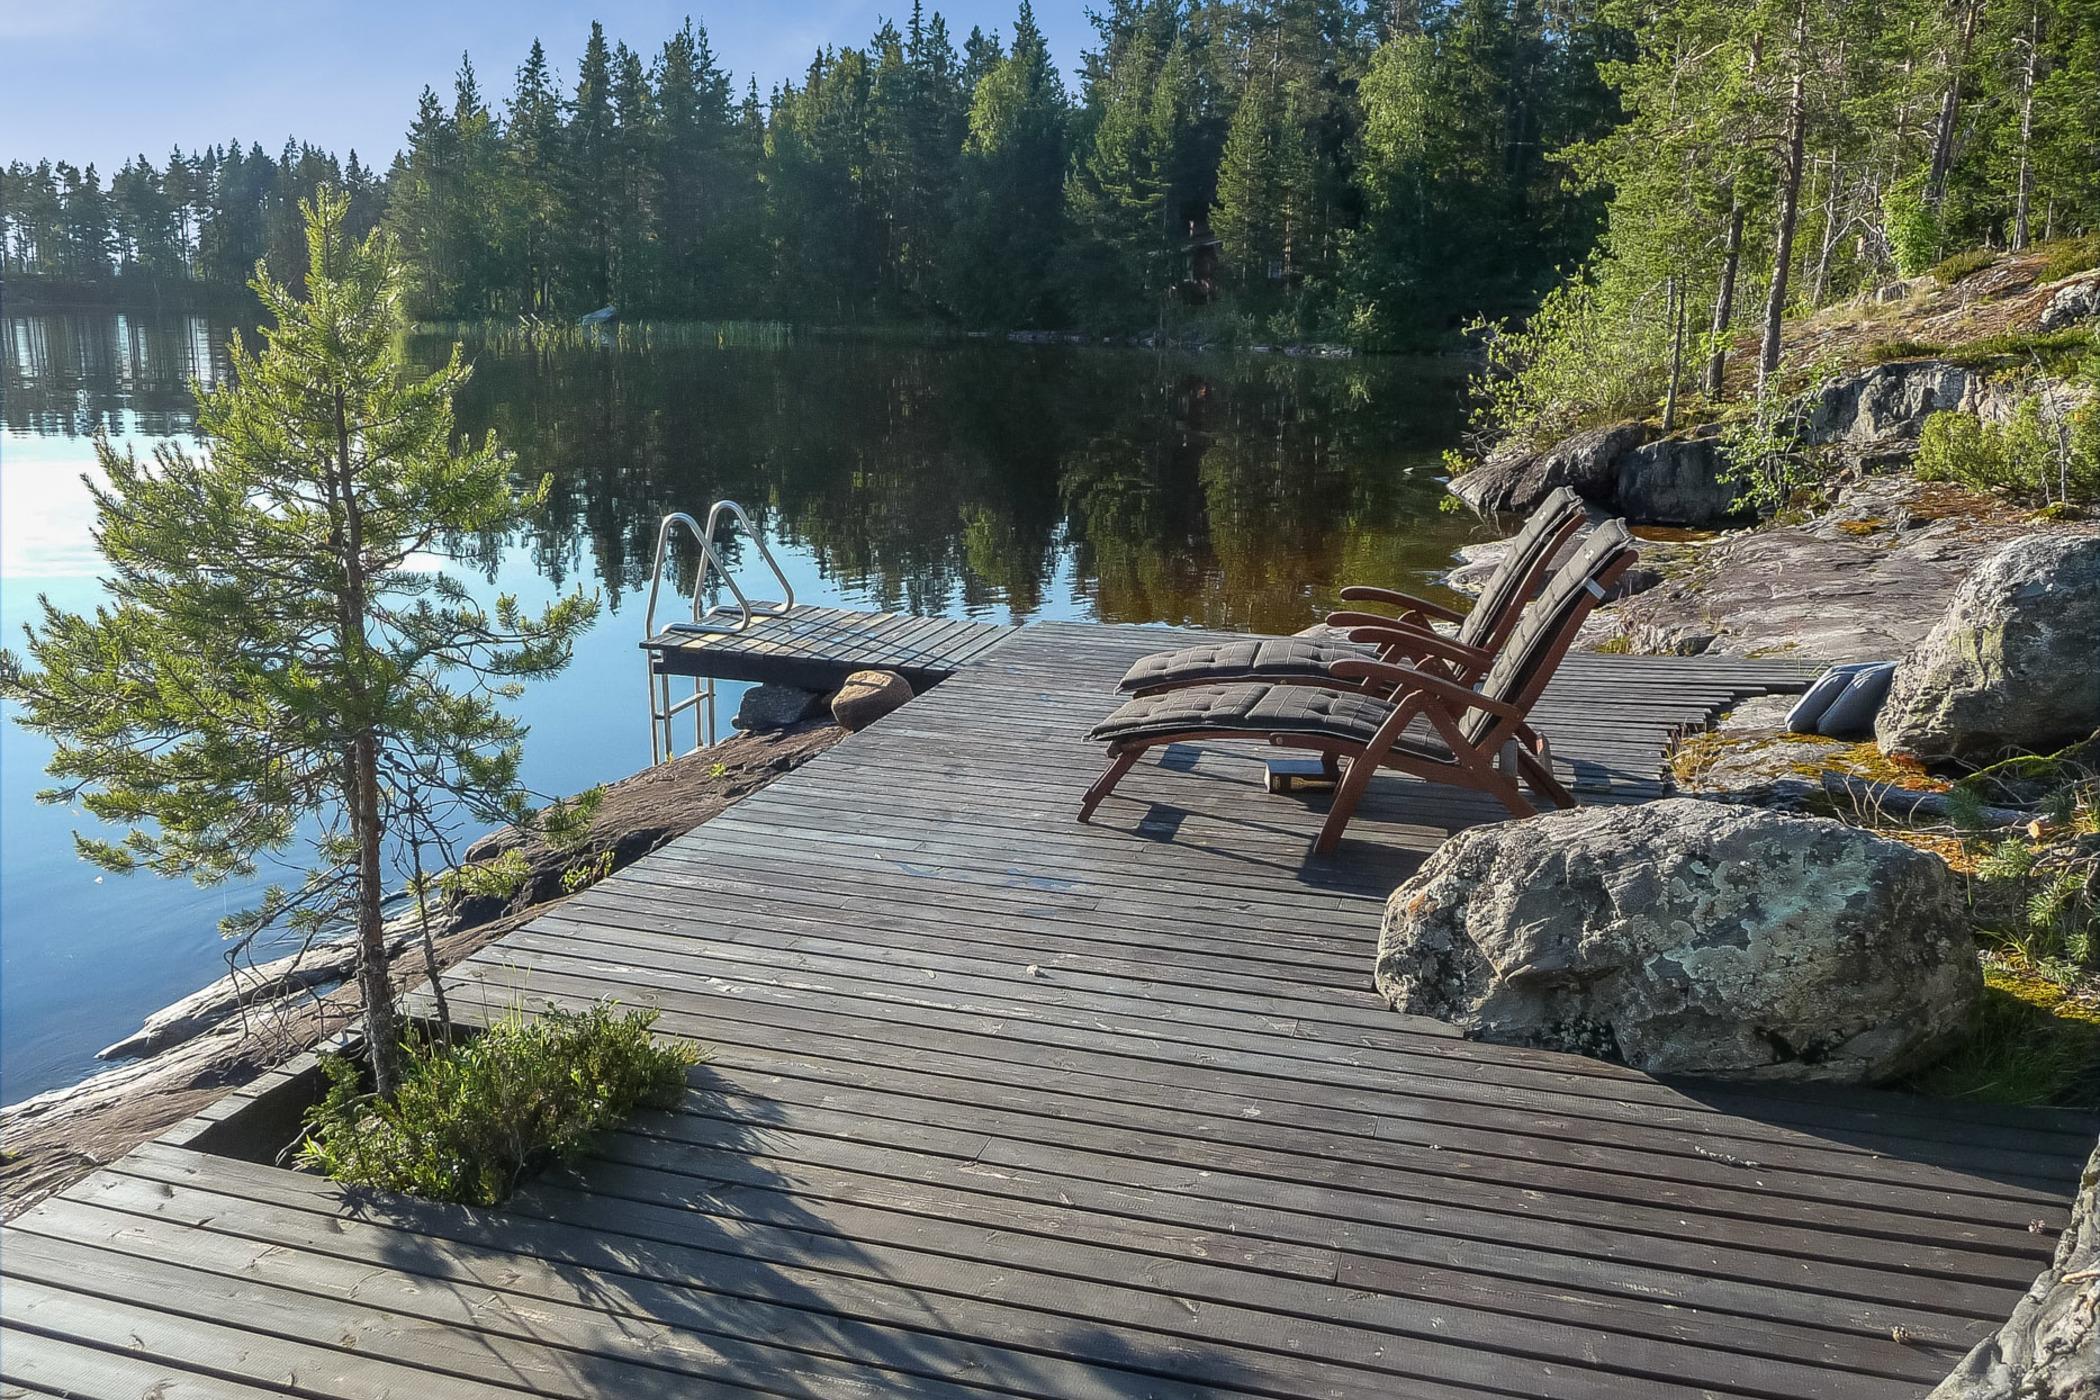 Nuasjärvi